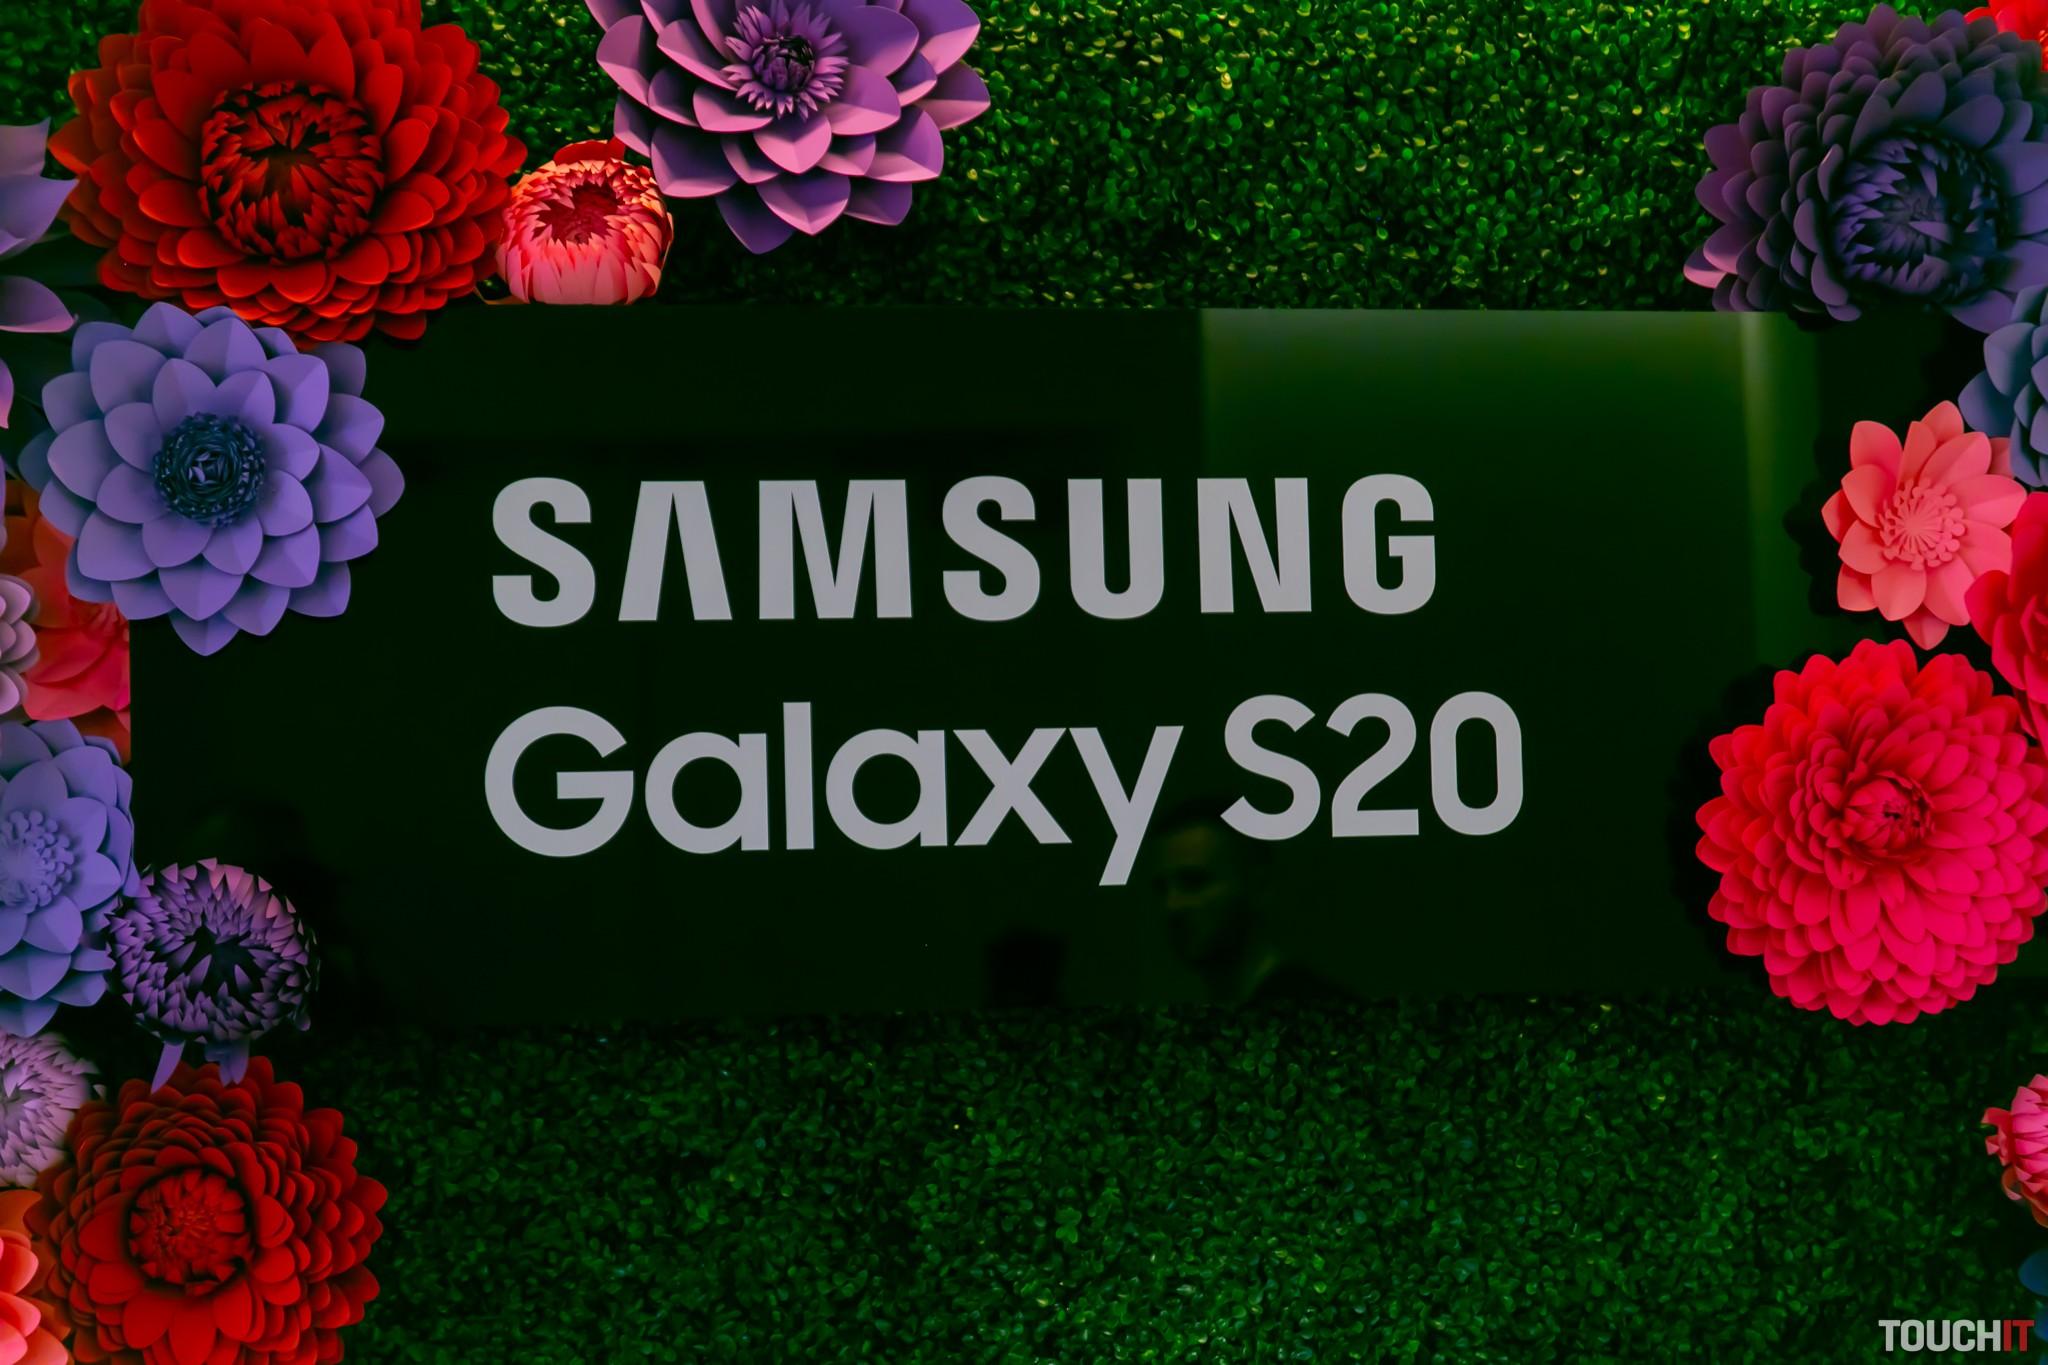 Rodina Galaxy S20 prináša hlavne vylepšenie fotoaparátu